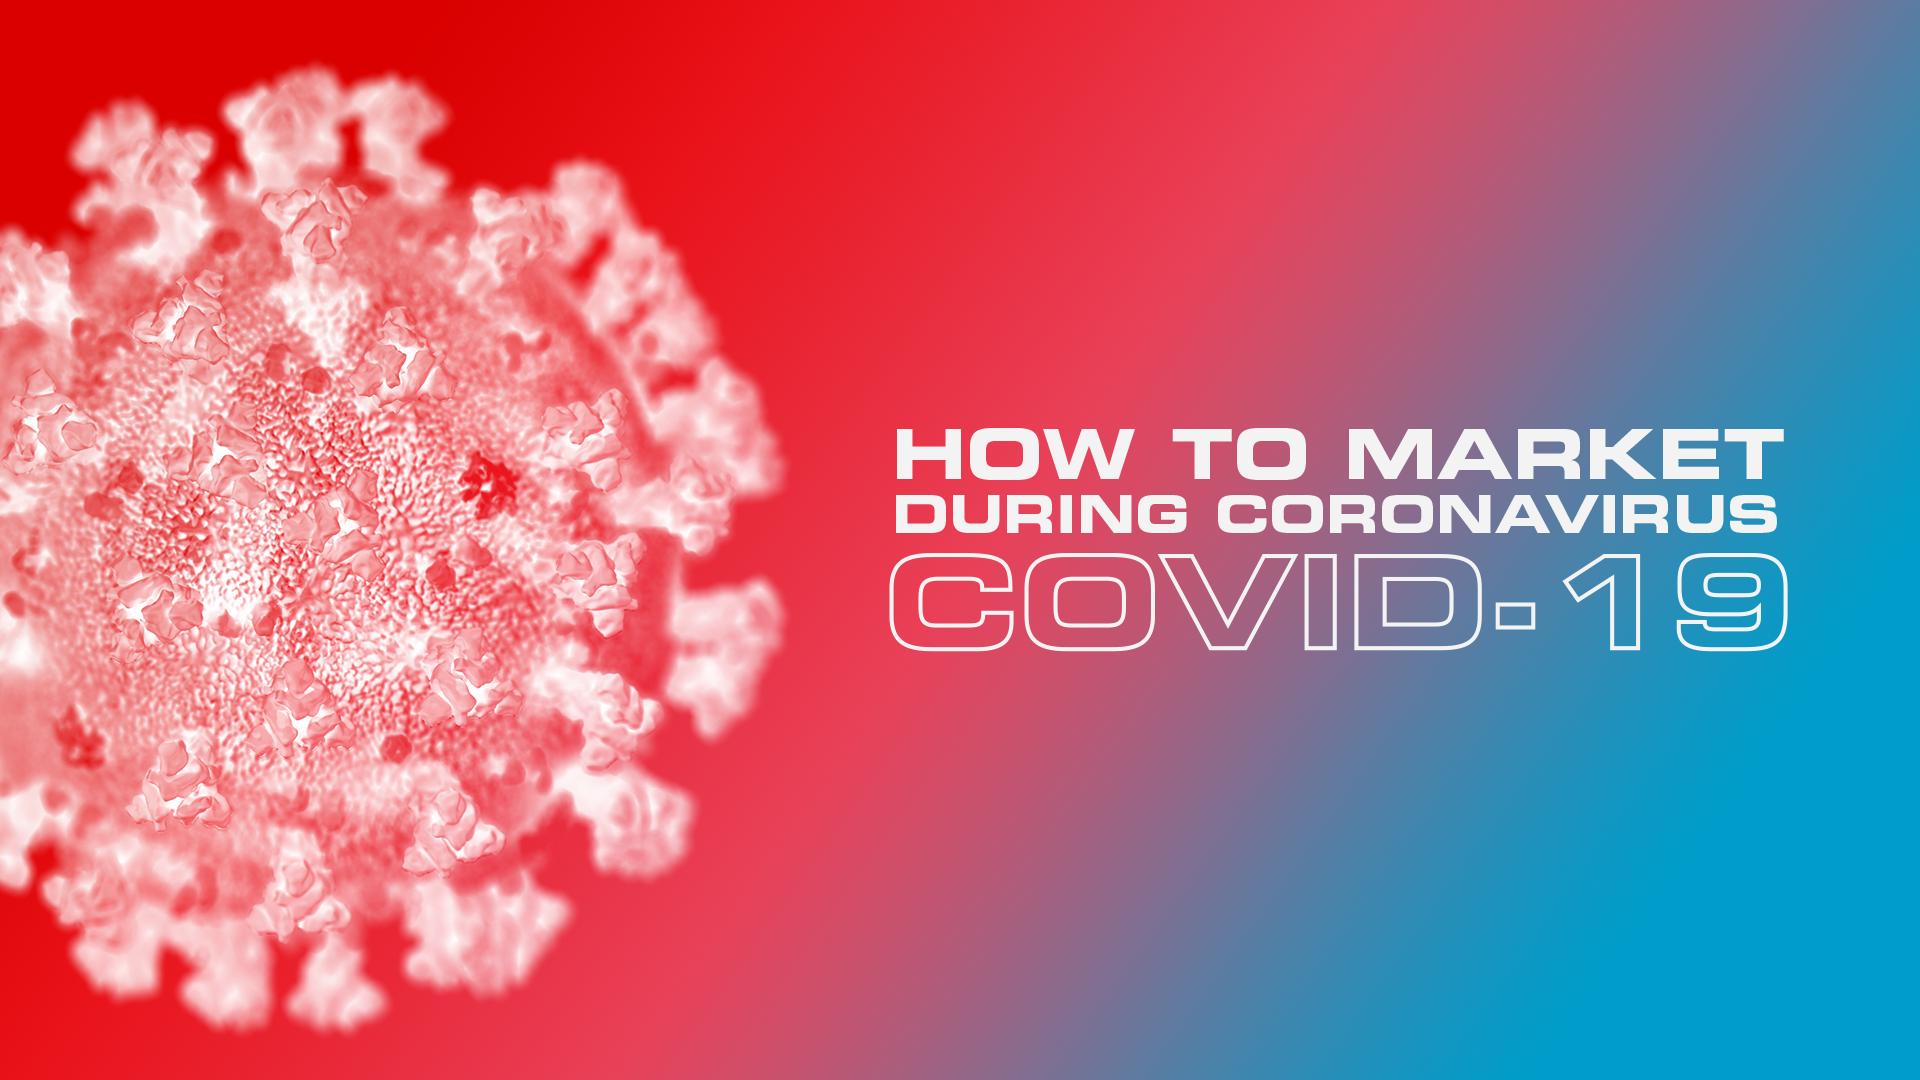 How to Market During Coronavirus